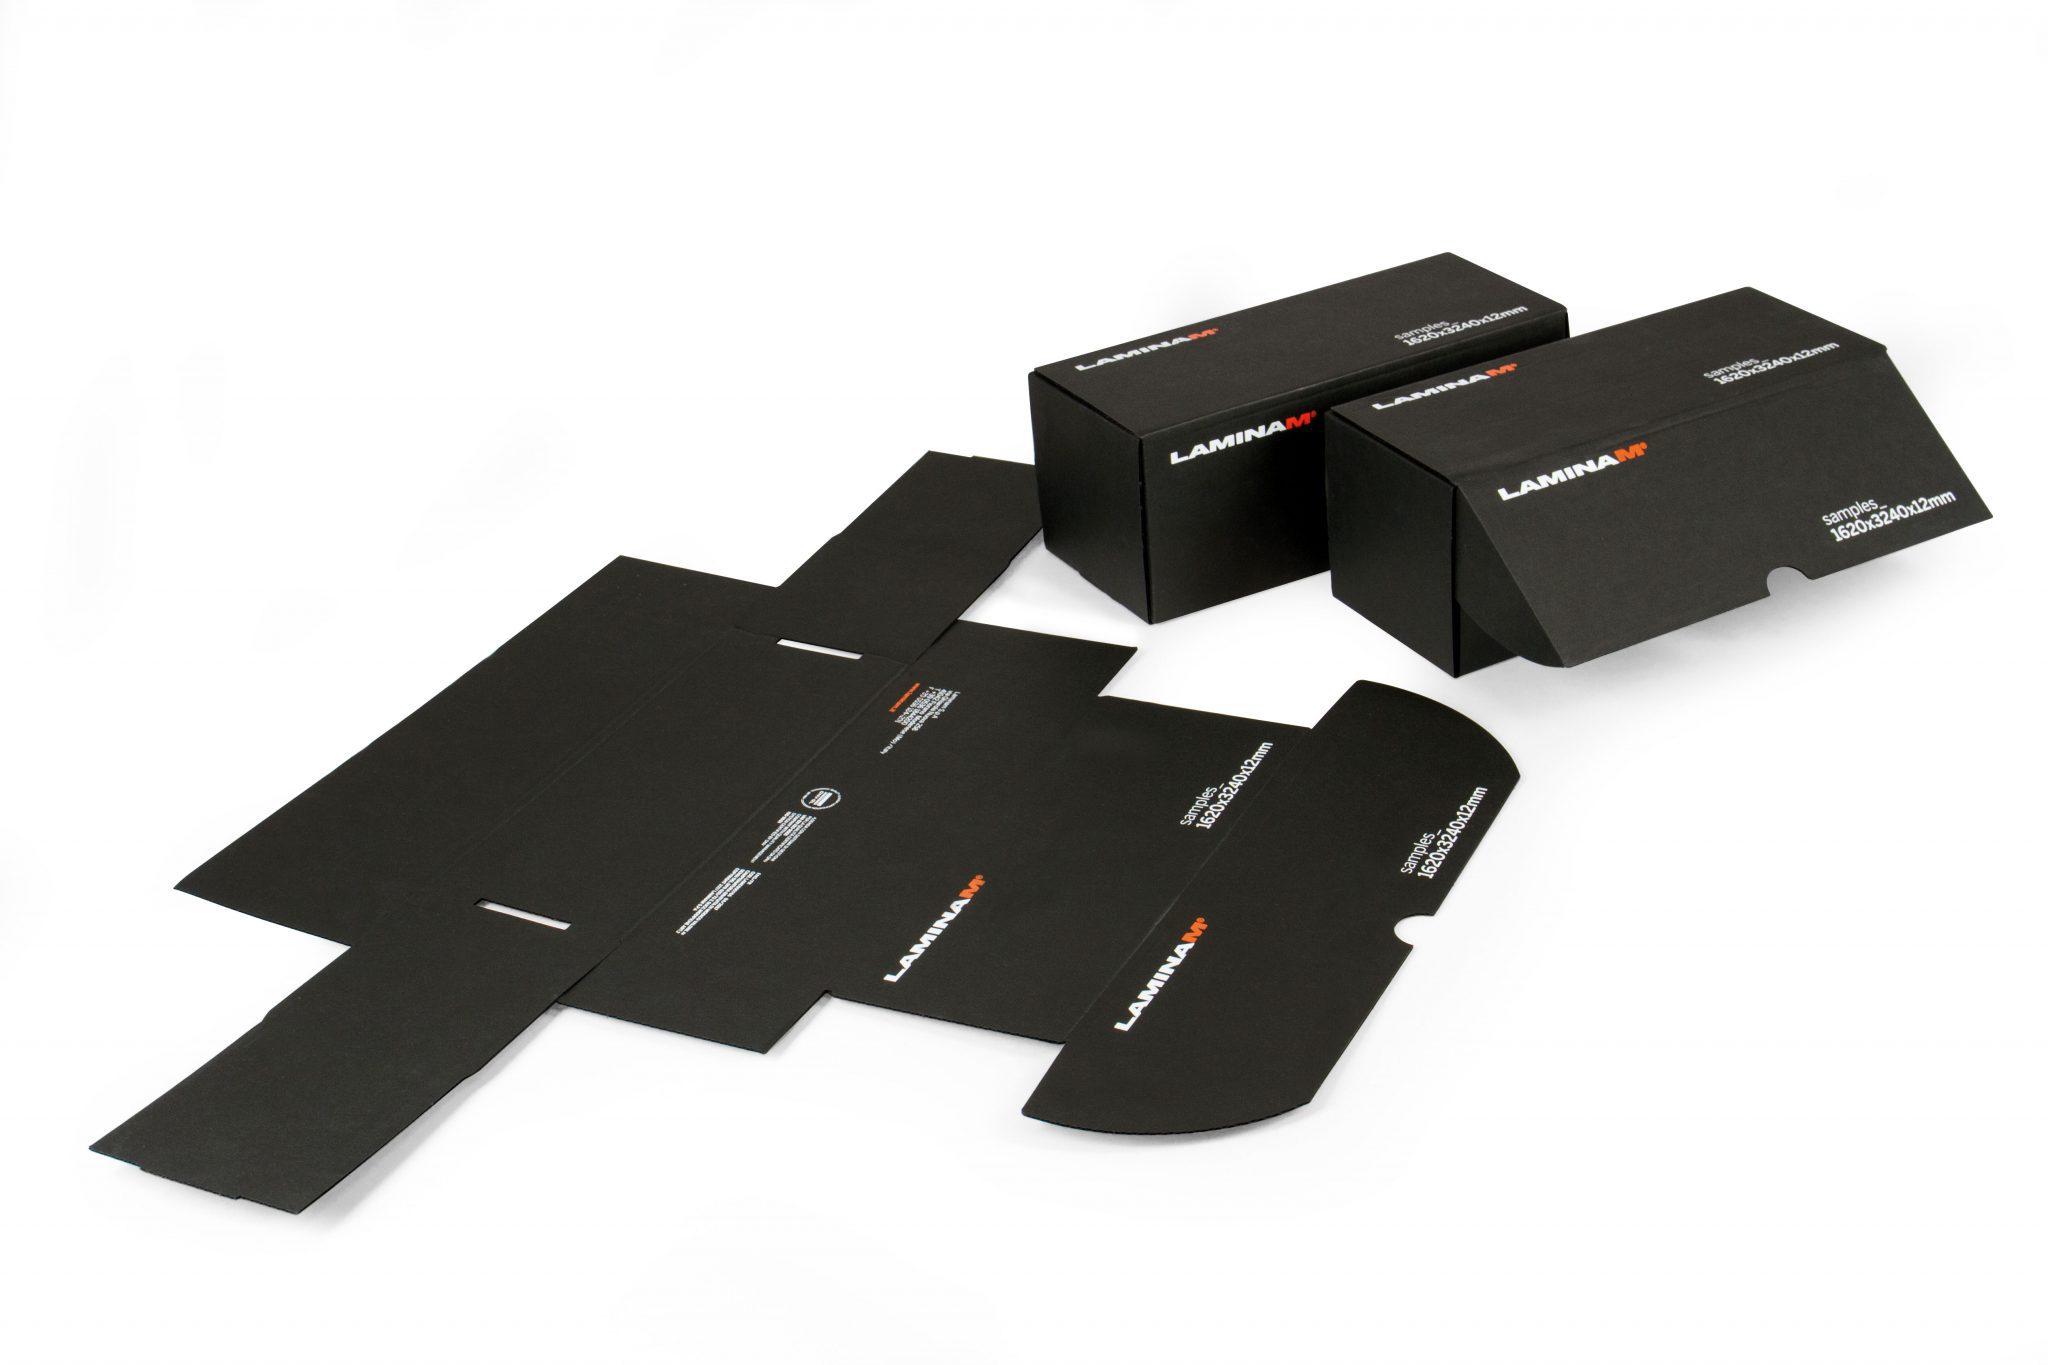 Box automontante serigrafia Cartesio Fullcard